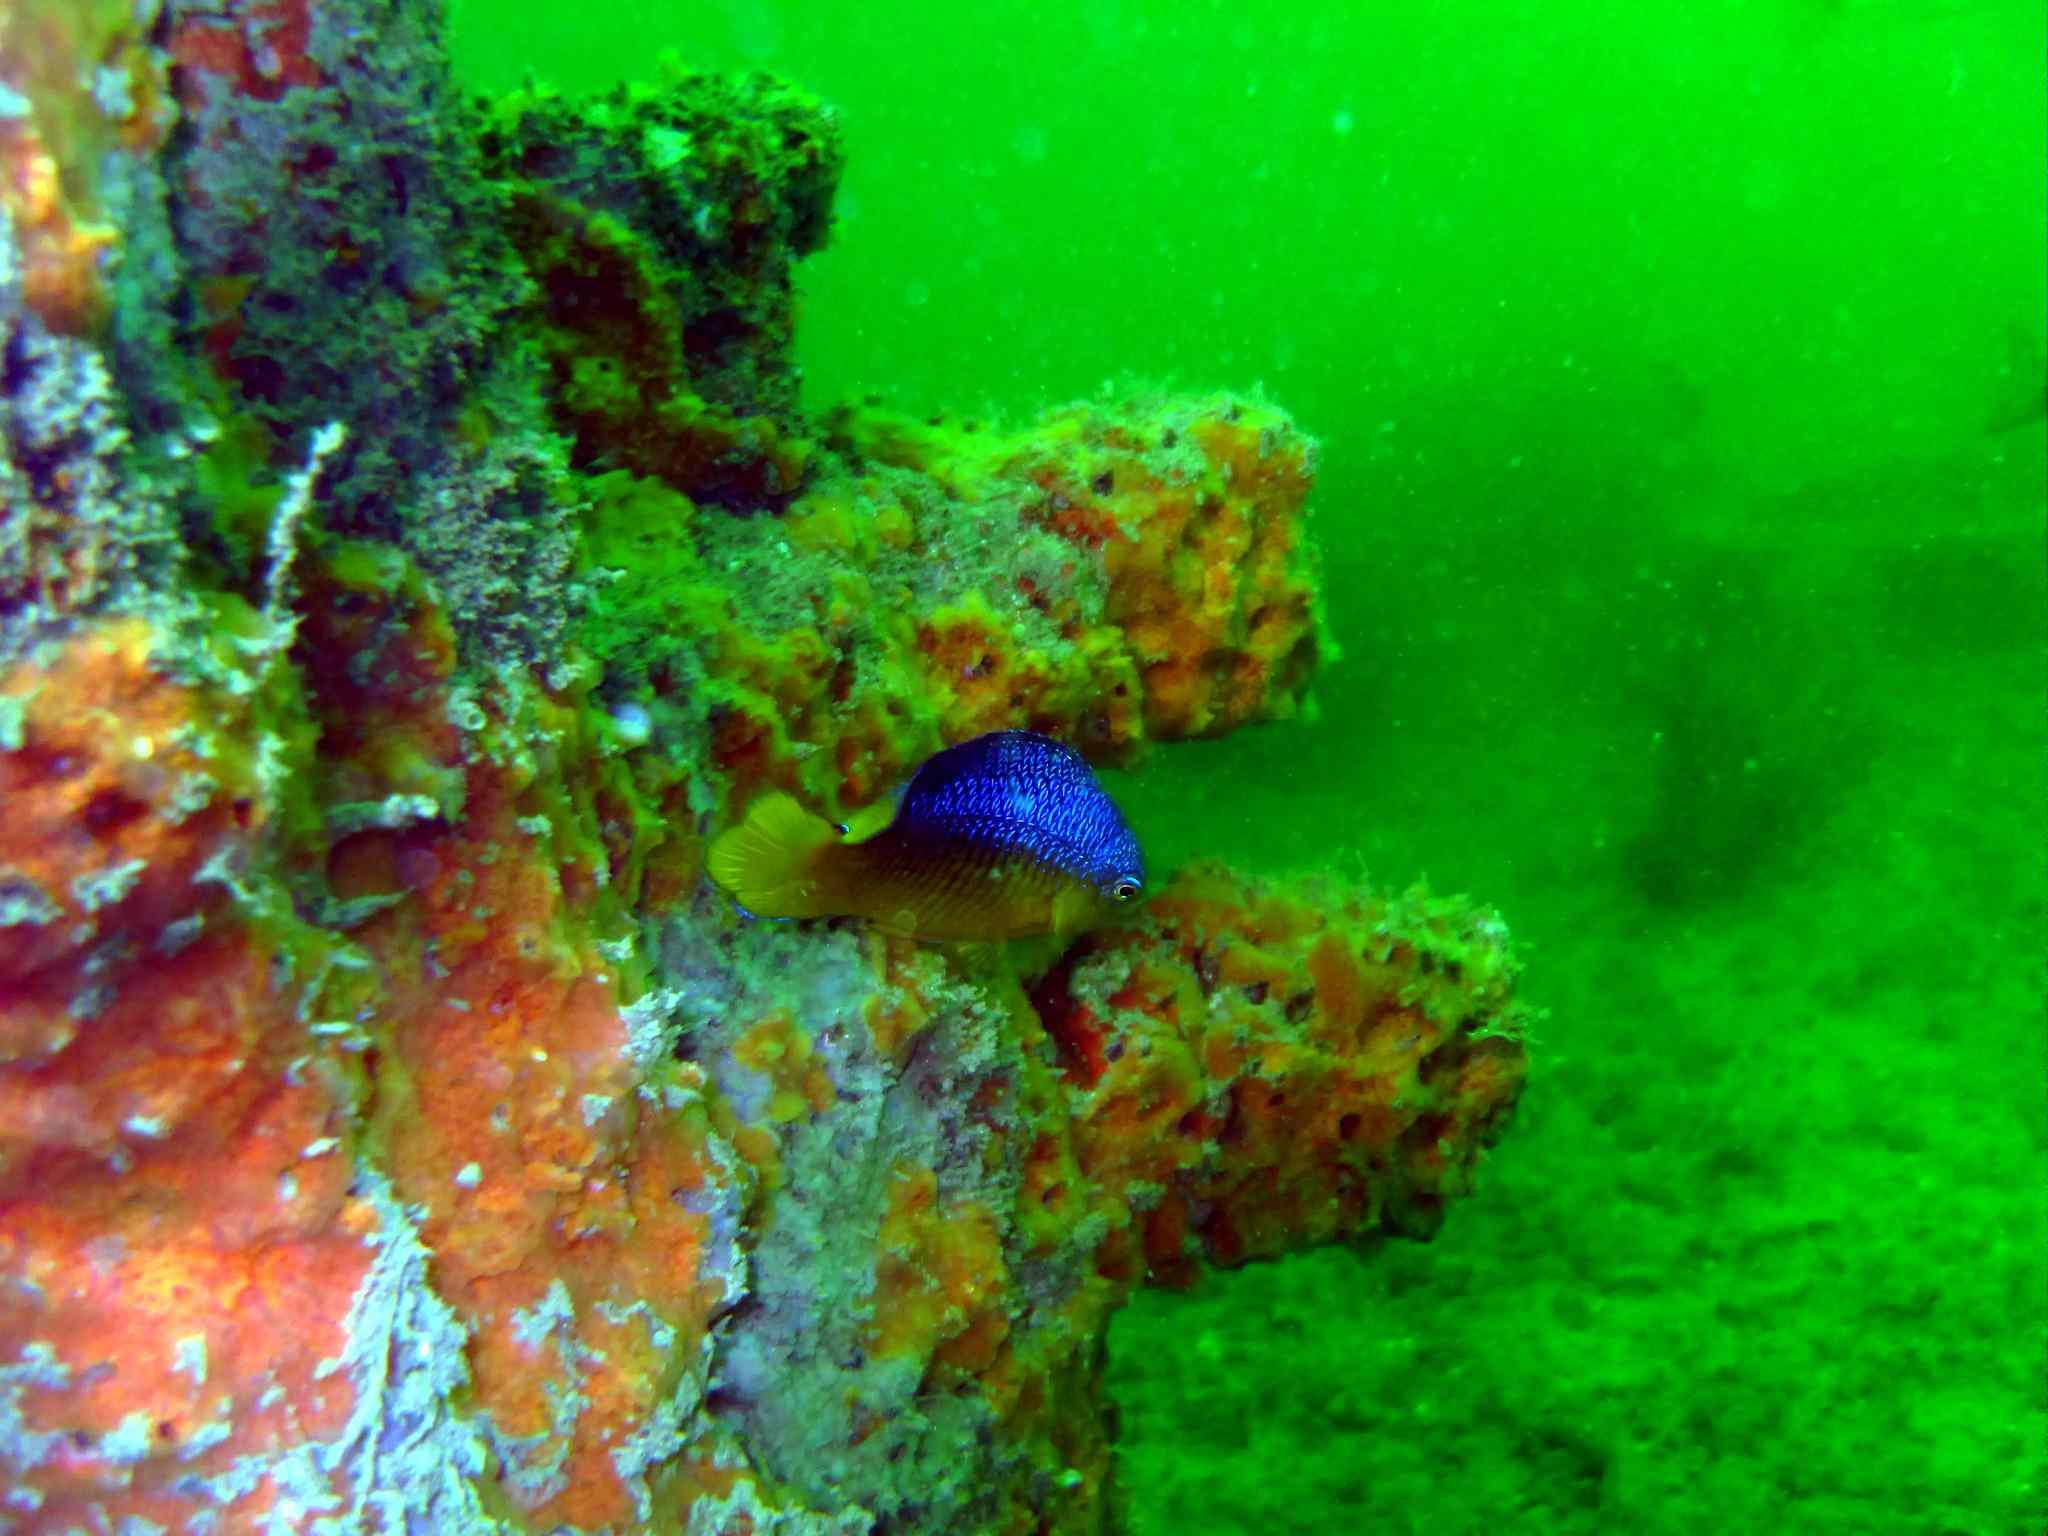 blue damselfish farming algae in green water